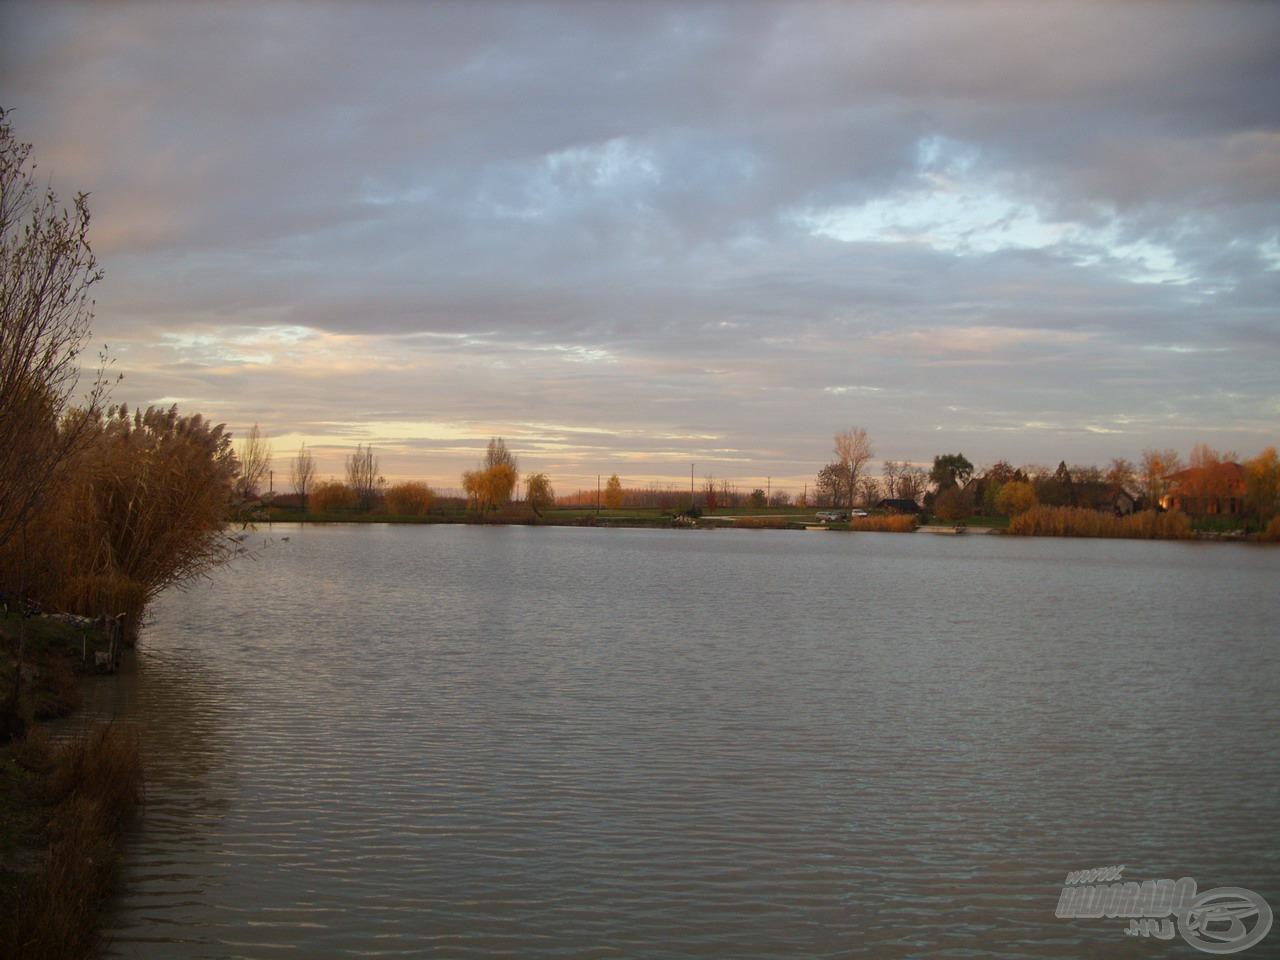 Egyre közeledett a nap és a horgászat vége, jó érzés volt megpihentetni szemem a hangulatos őszi tájon